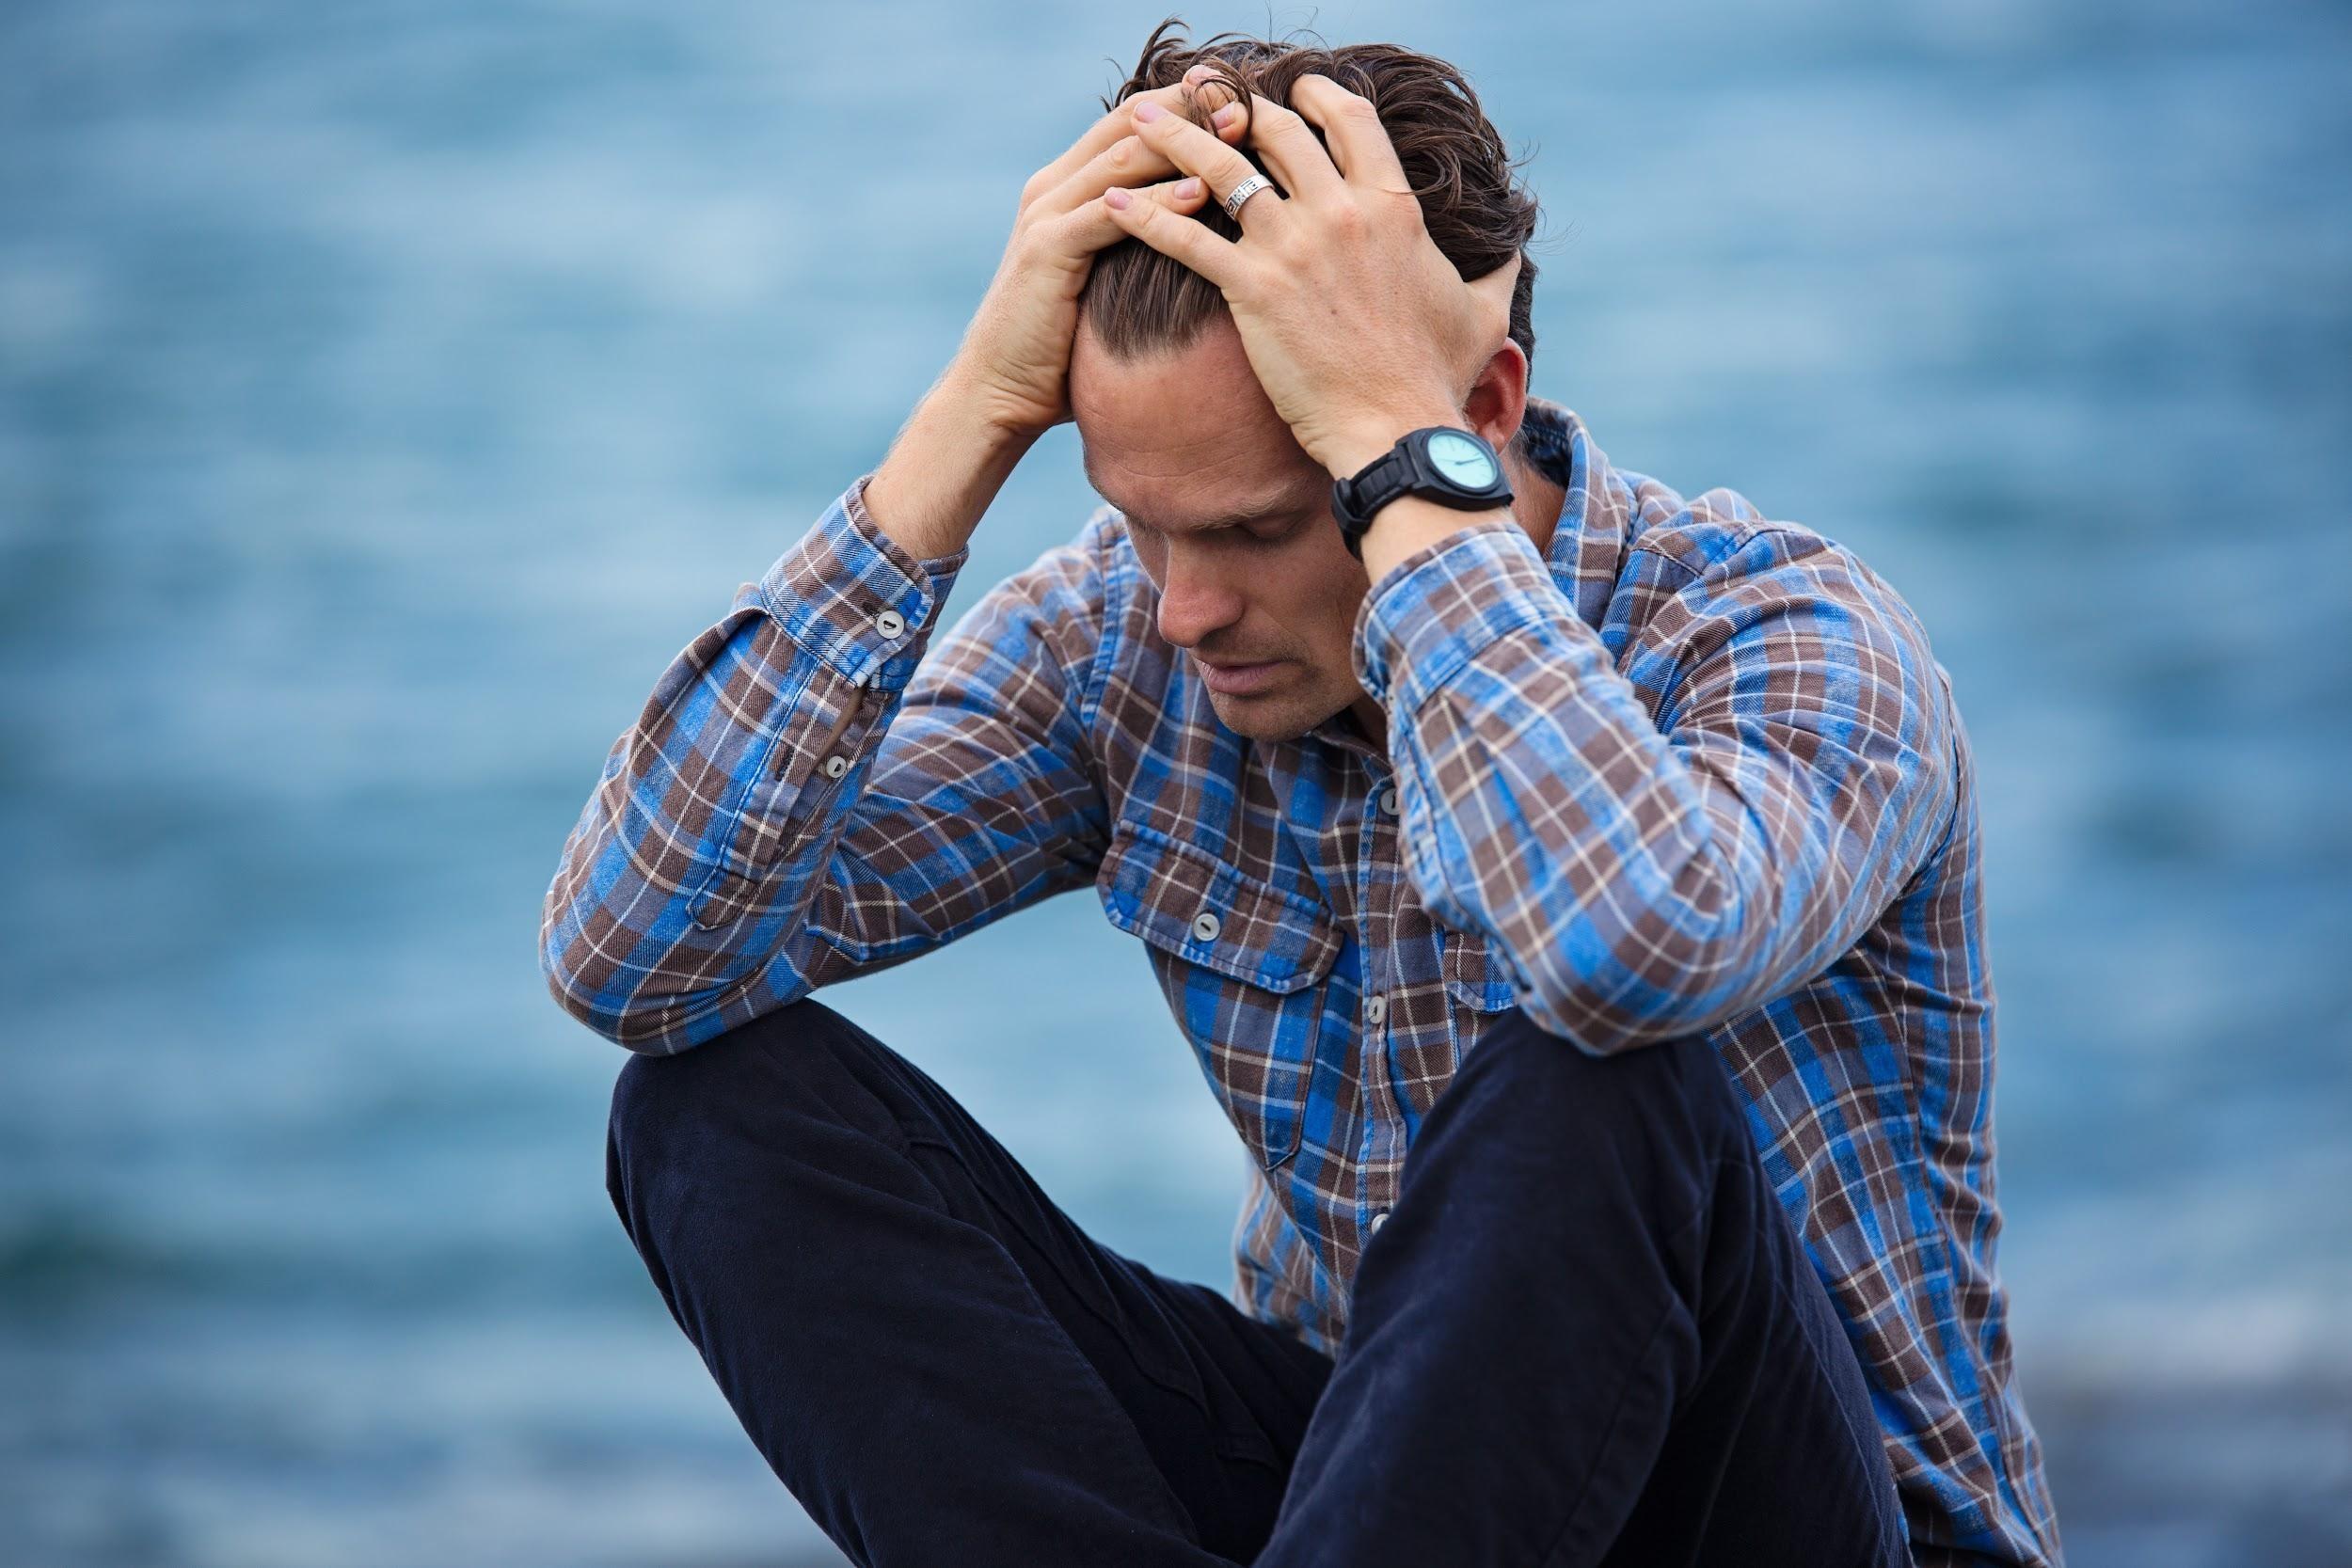 ¿Qué hago si sufro ansiedad?